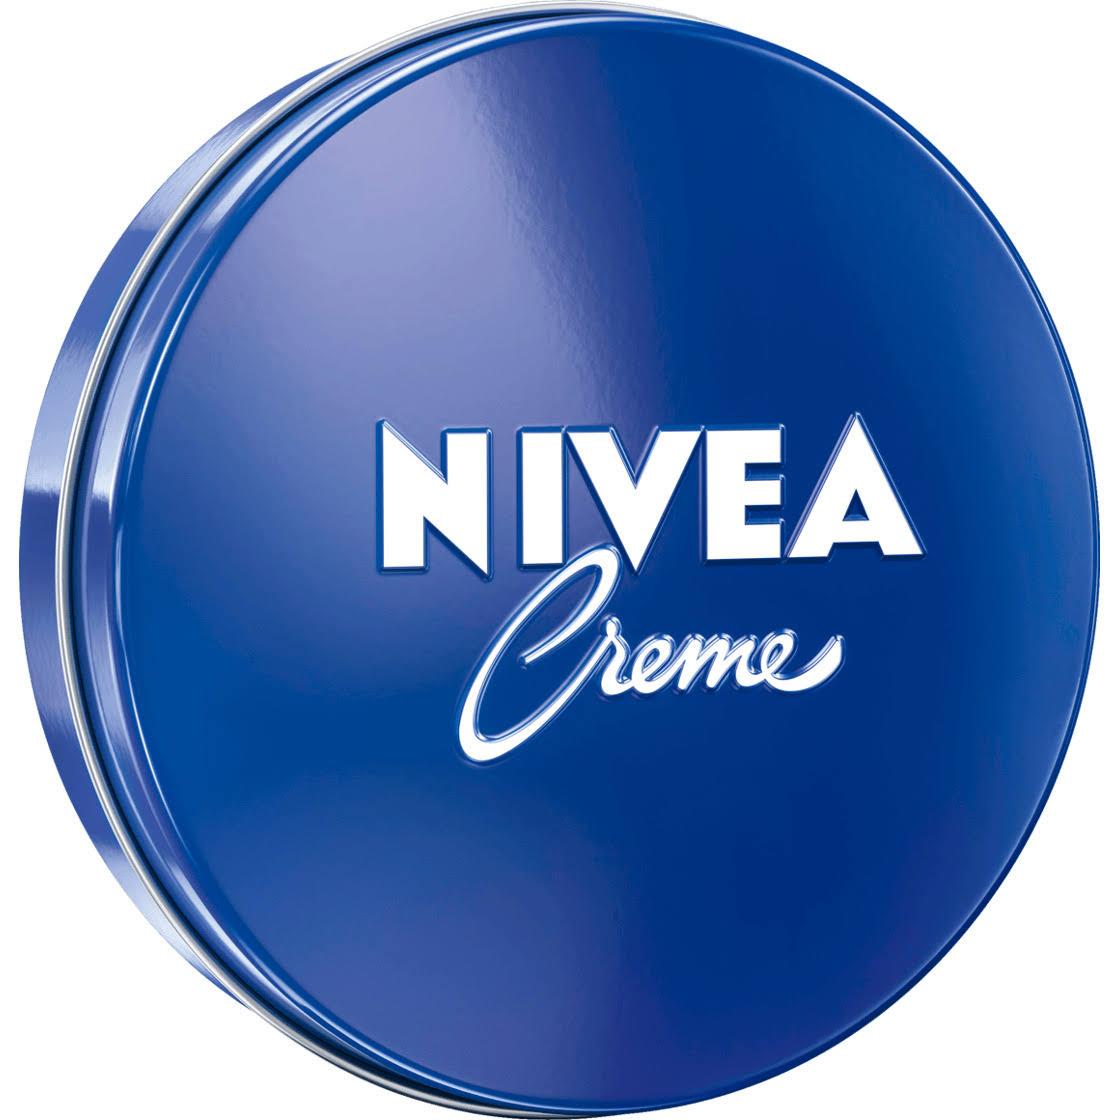 20 Prozent auf das gesamte Nivea Sortiment, z.B. Nivea Creme 250ml für 2,27€ [ALDI-Nord]